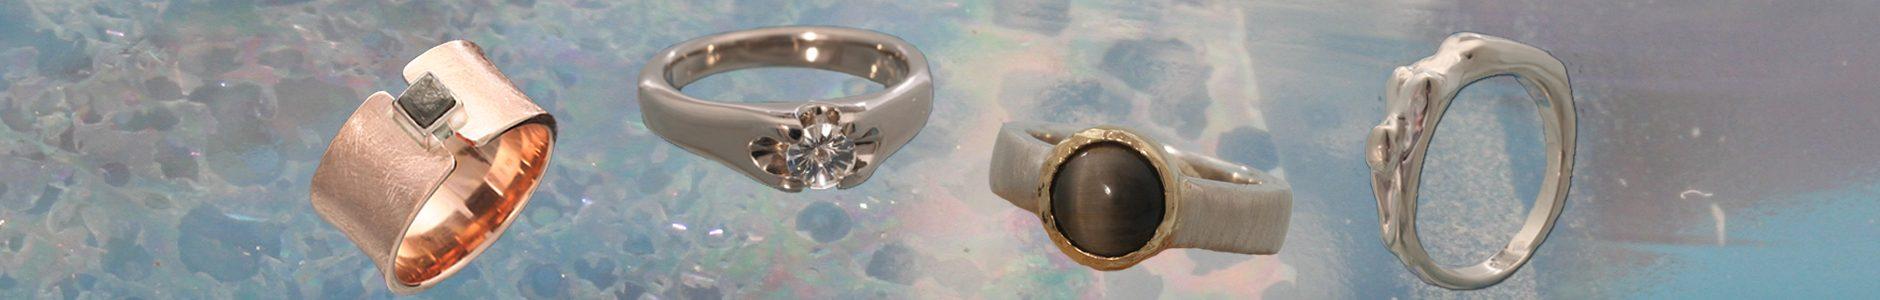 Deze ringen zijn in opdracht gemaakt